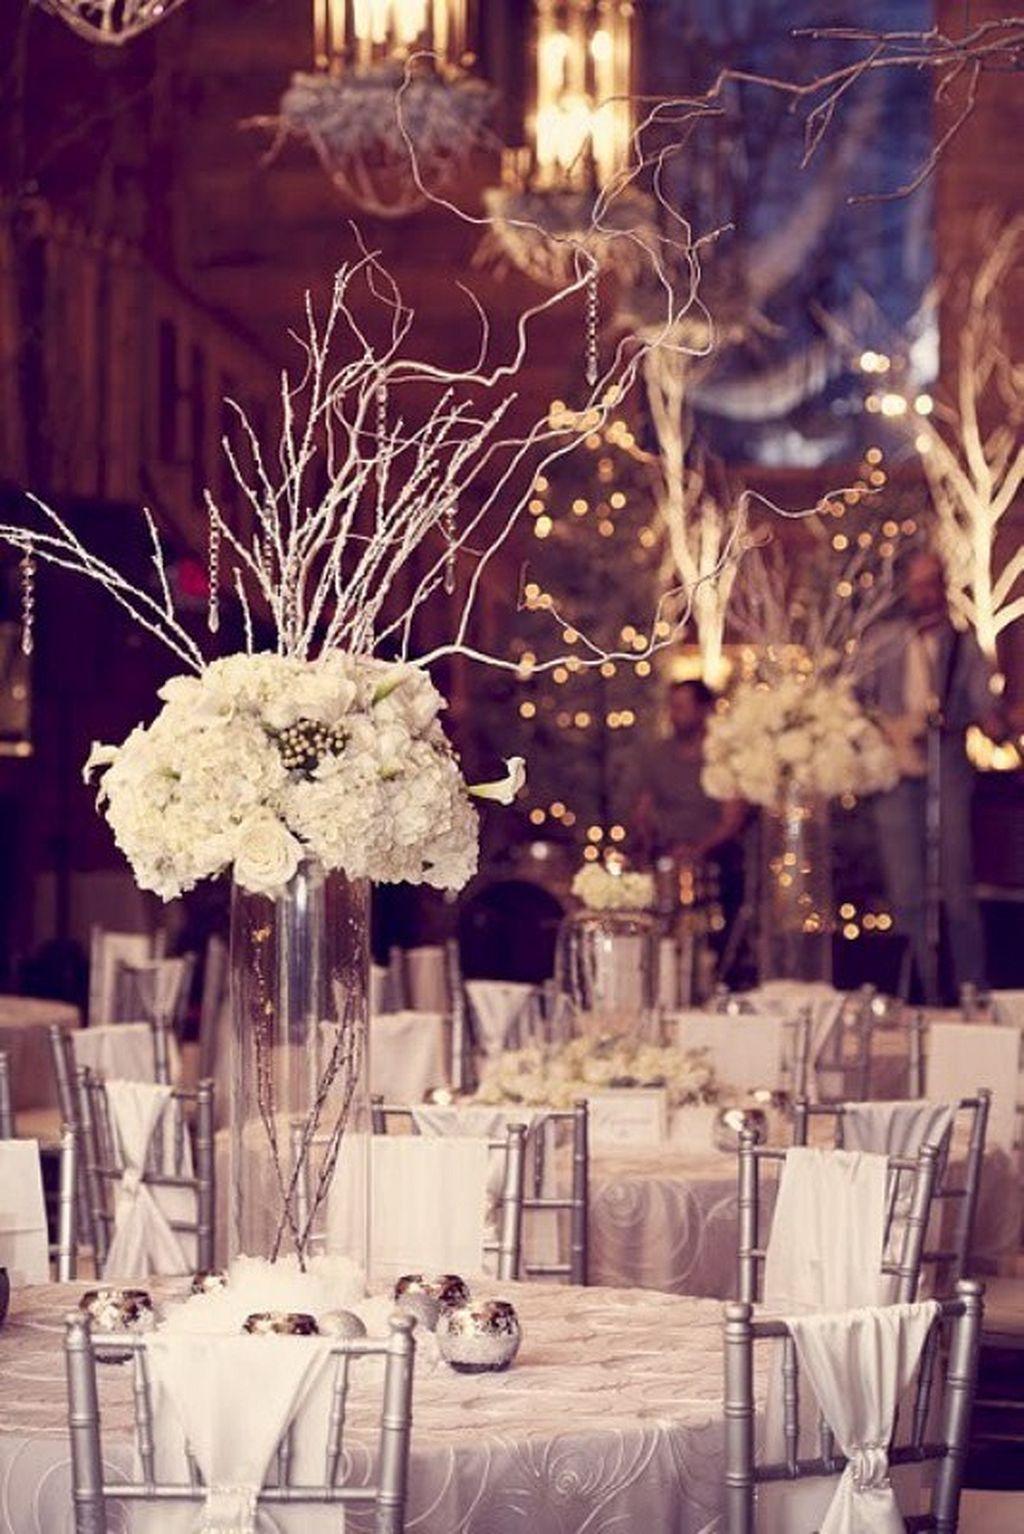 diy wedding decoration ideas on a budget diy wedding